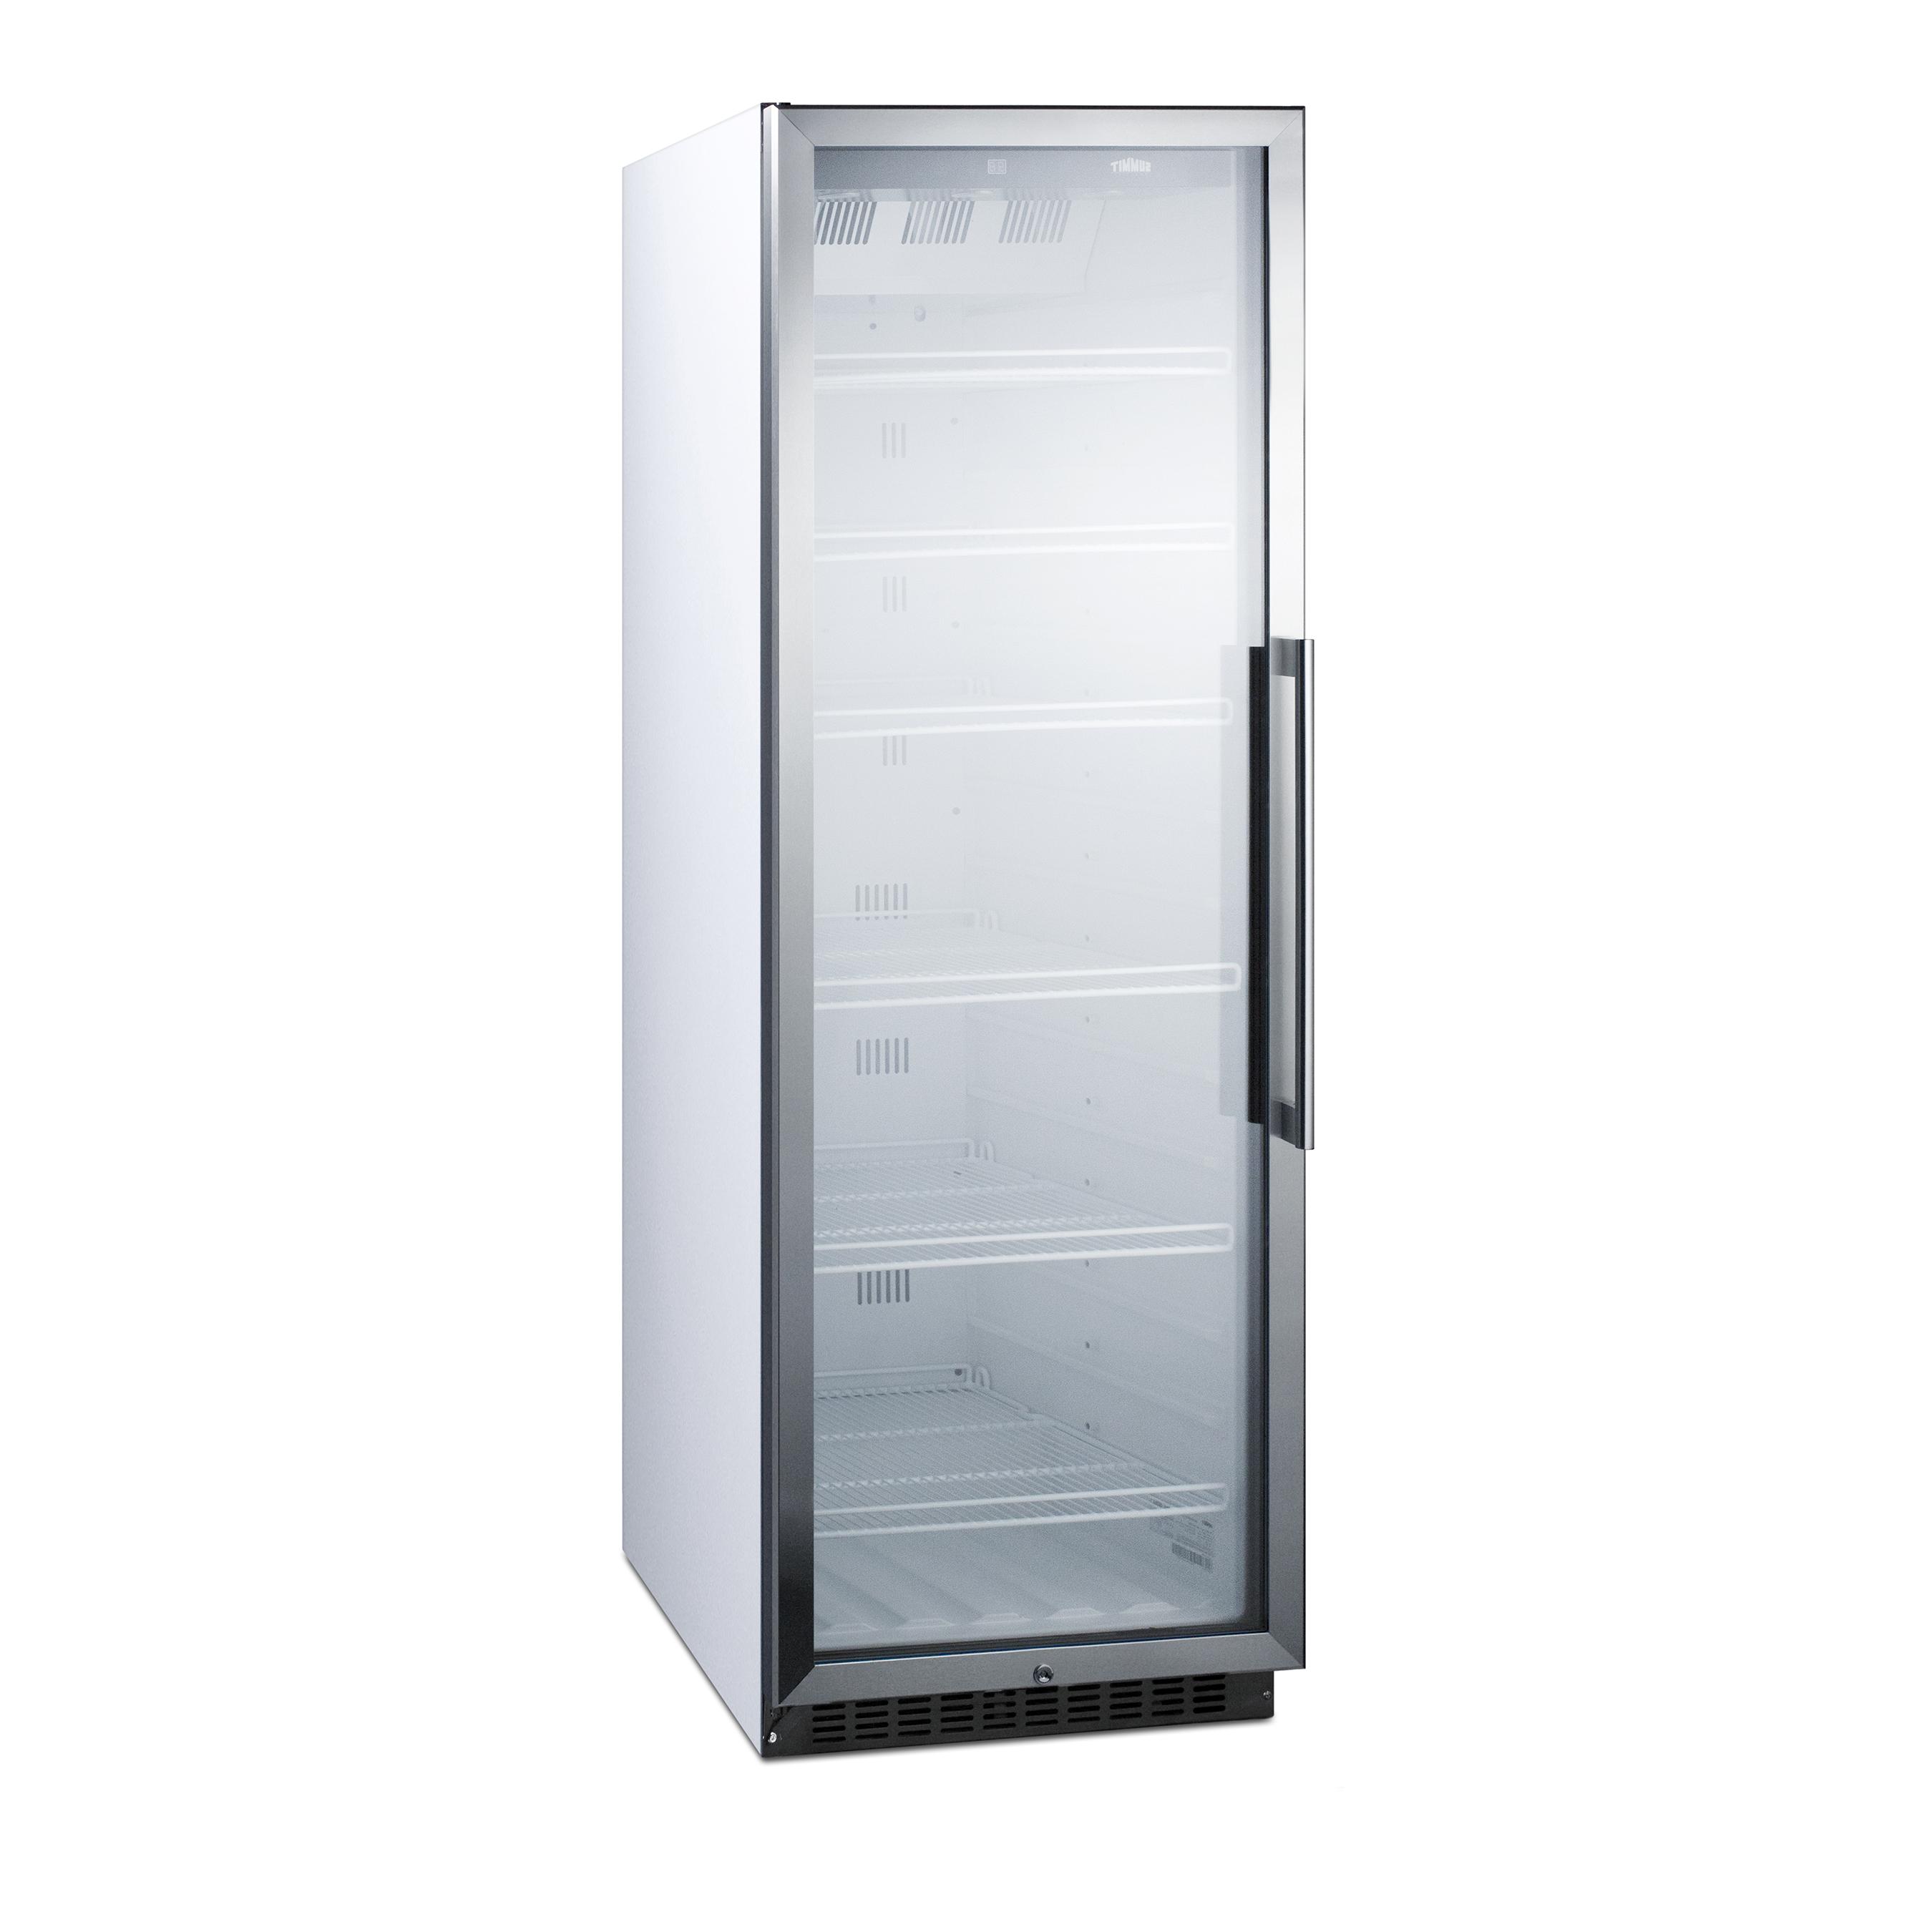 Summit Appliance SCR1400WLH refrigerator, merchandiser